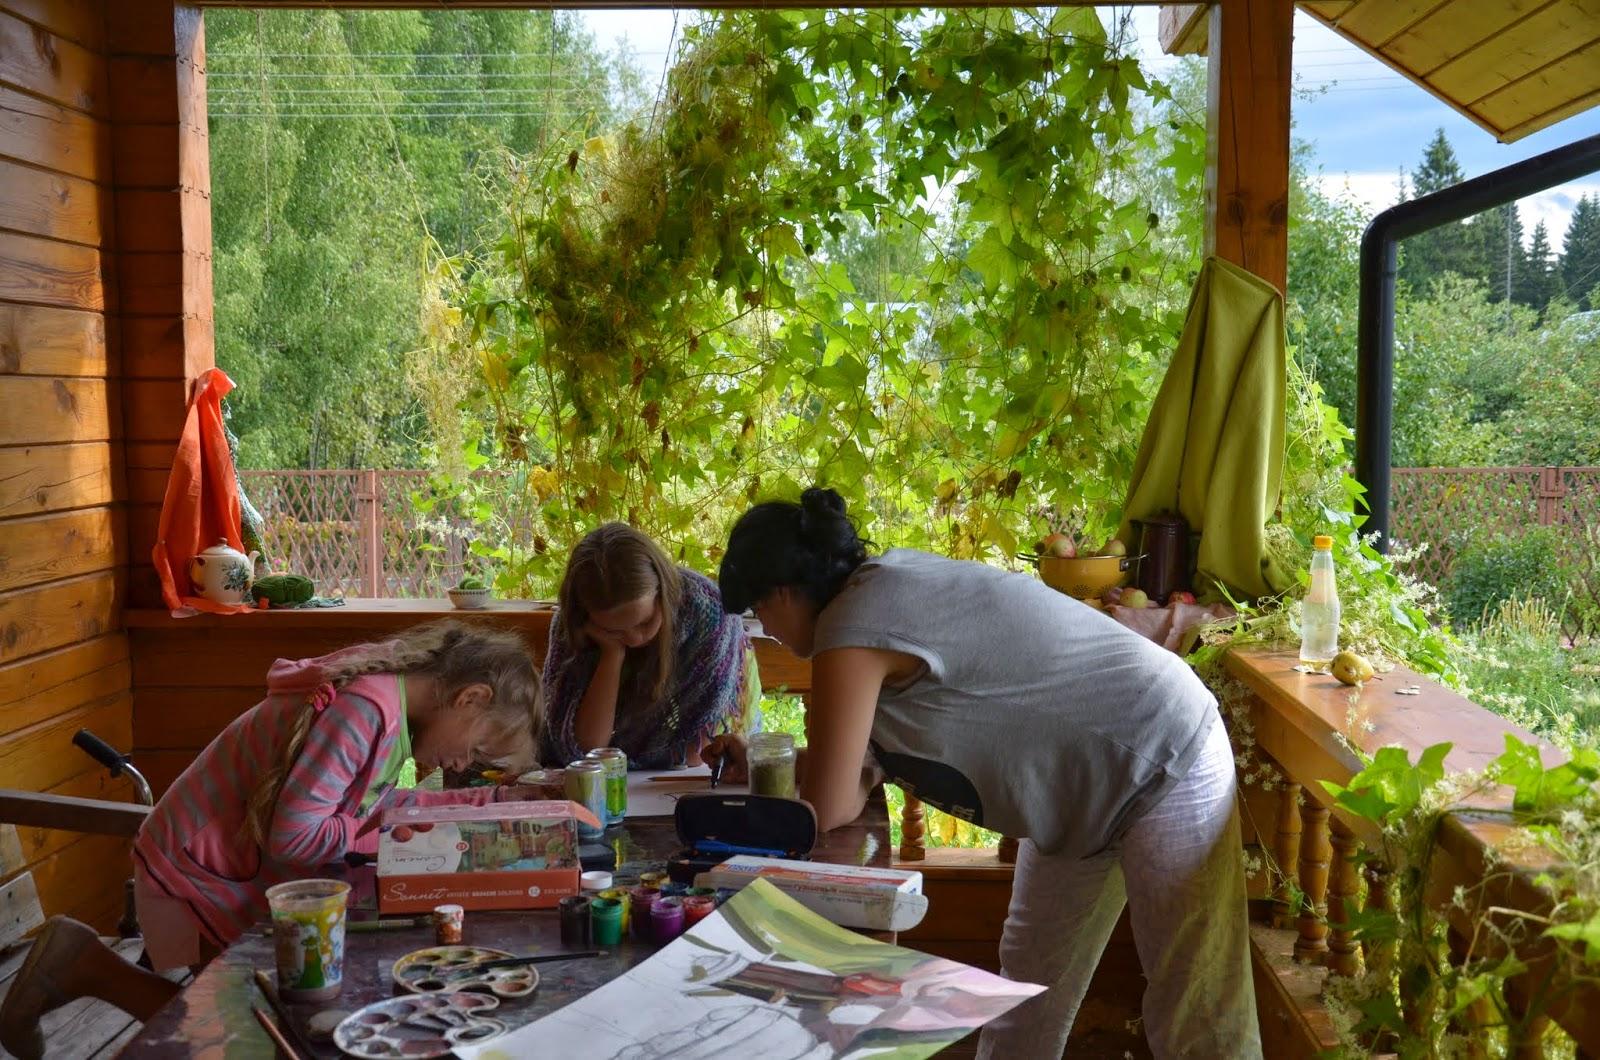 юные художницы увлеченно рисуют натюрморты